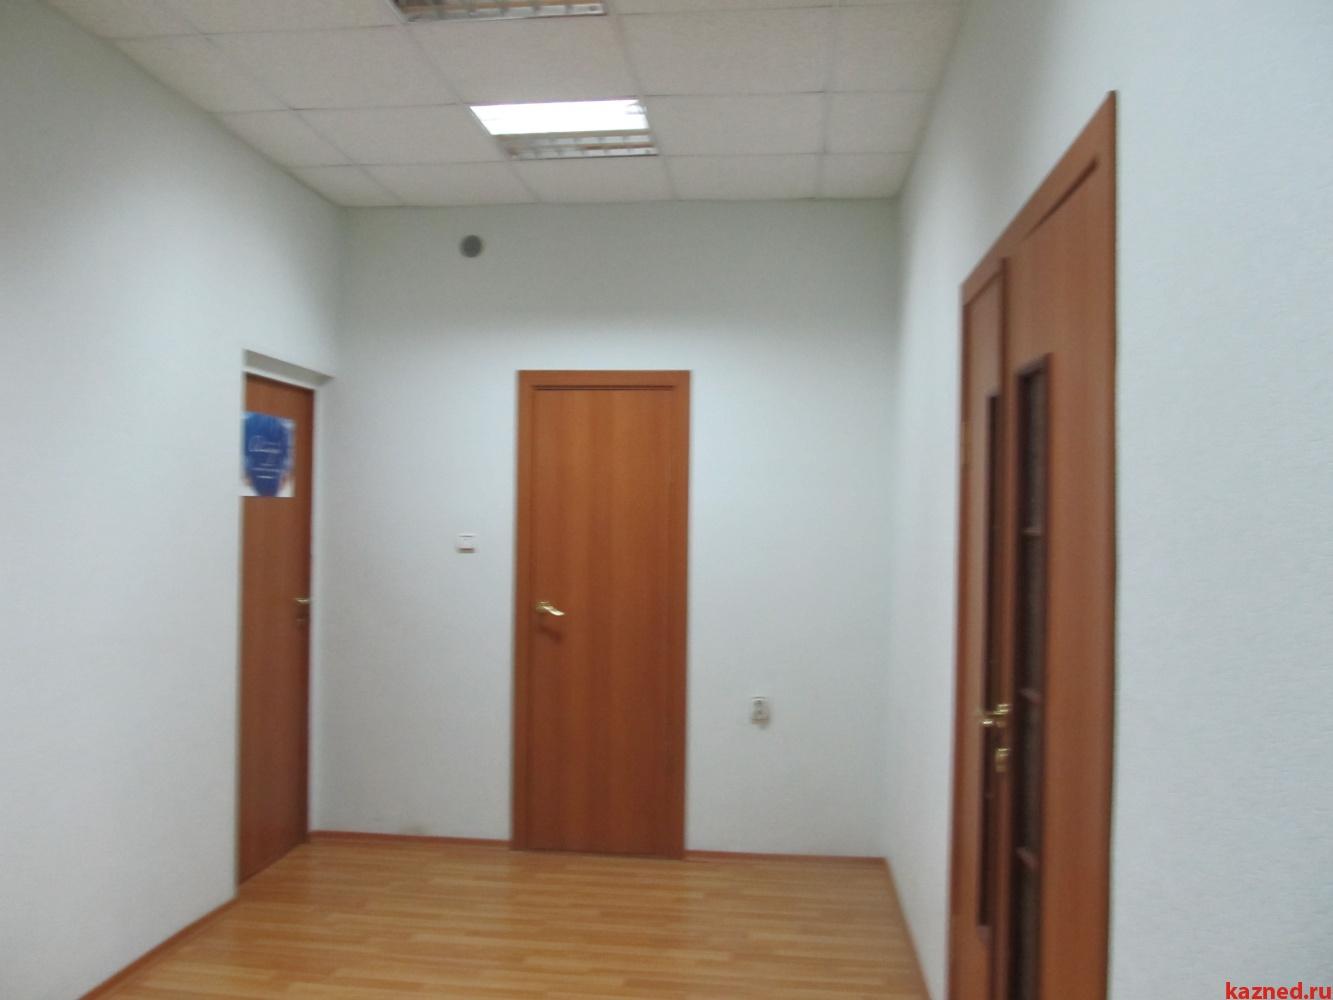 Офисное помещение 95,2 м2 в центре города. Напротив Suvar Plaza. (миниатюра №3)